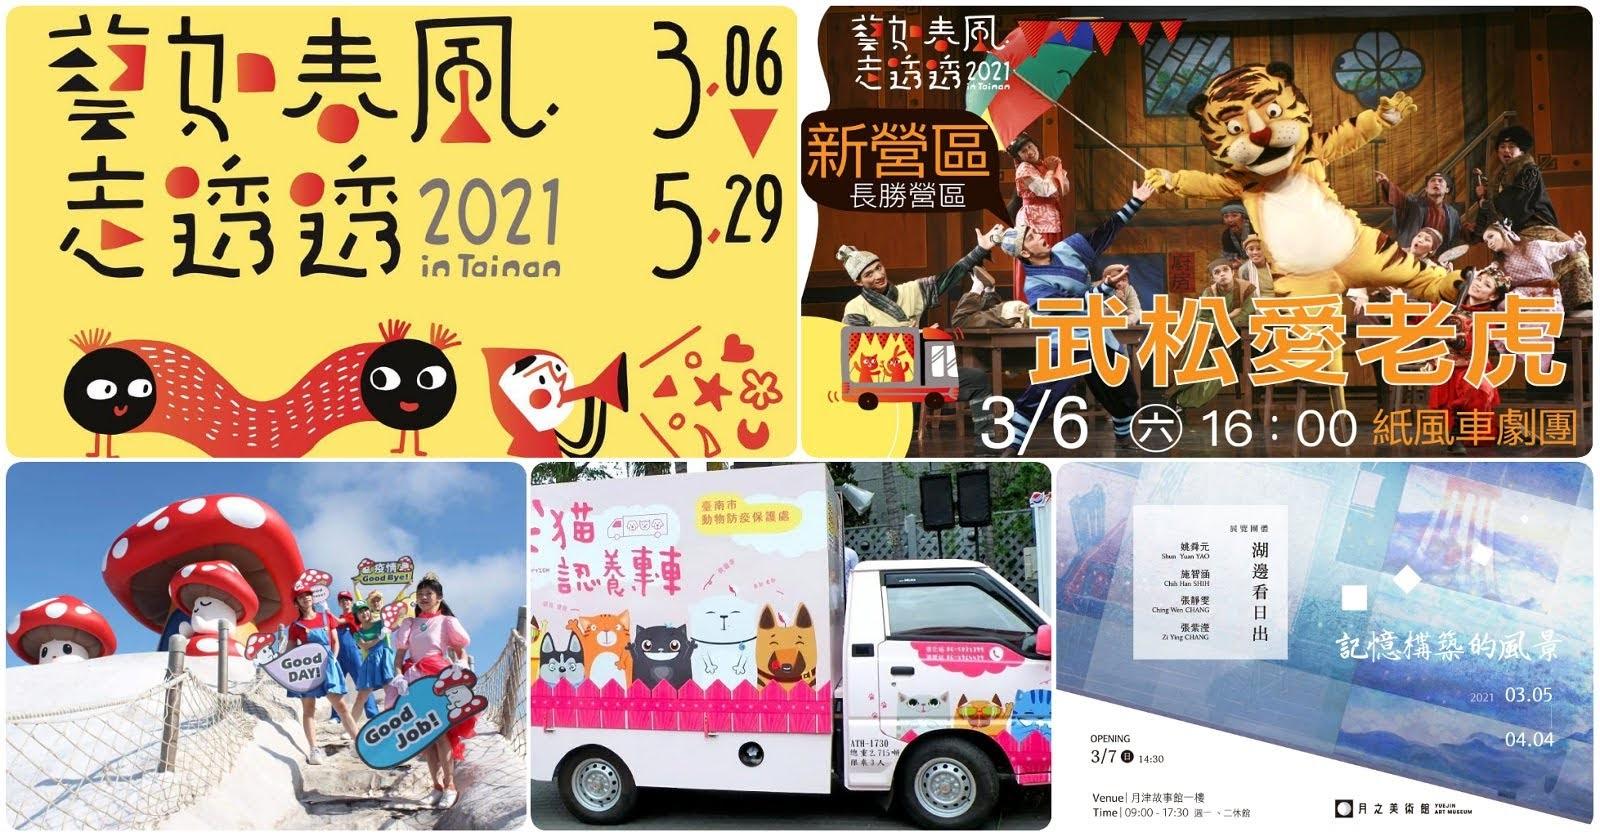 [活動] 2021/3/5-/3/7|台南週末活動整理|資訊數:76